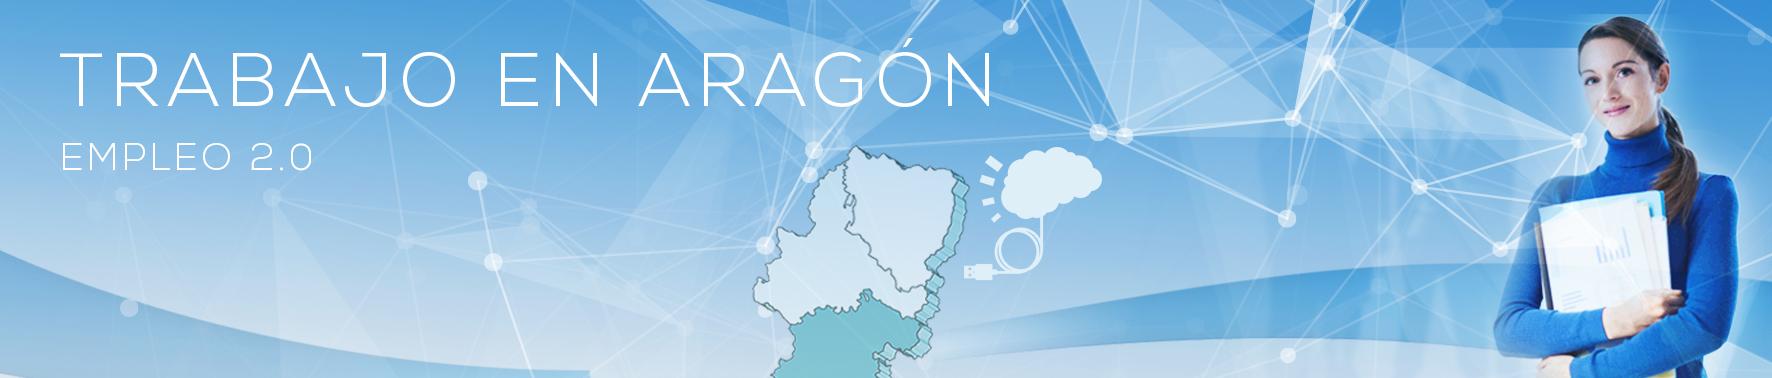 Cómo buscar trabajo en Aragón